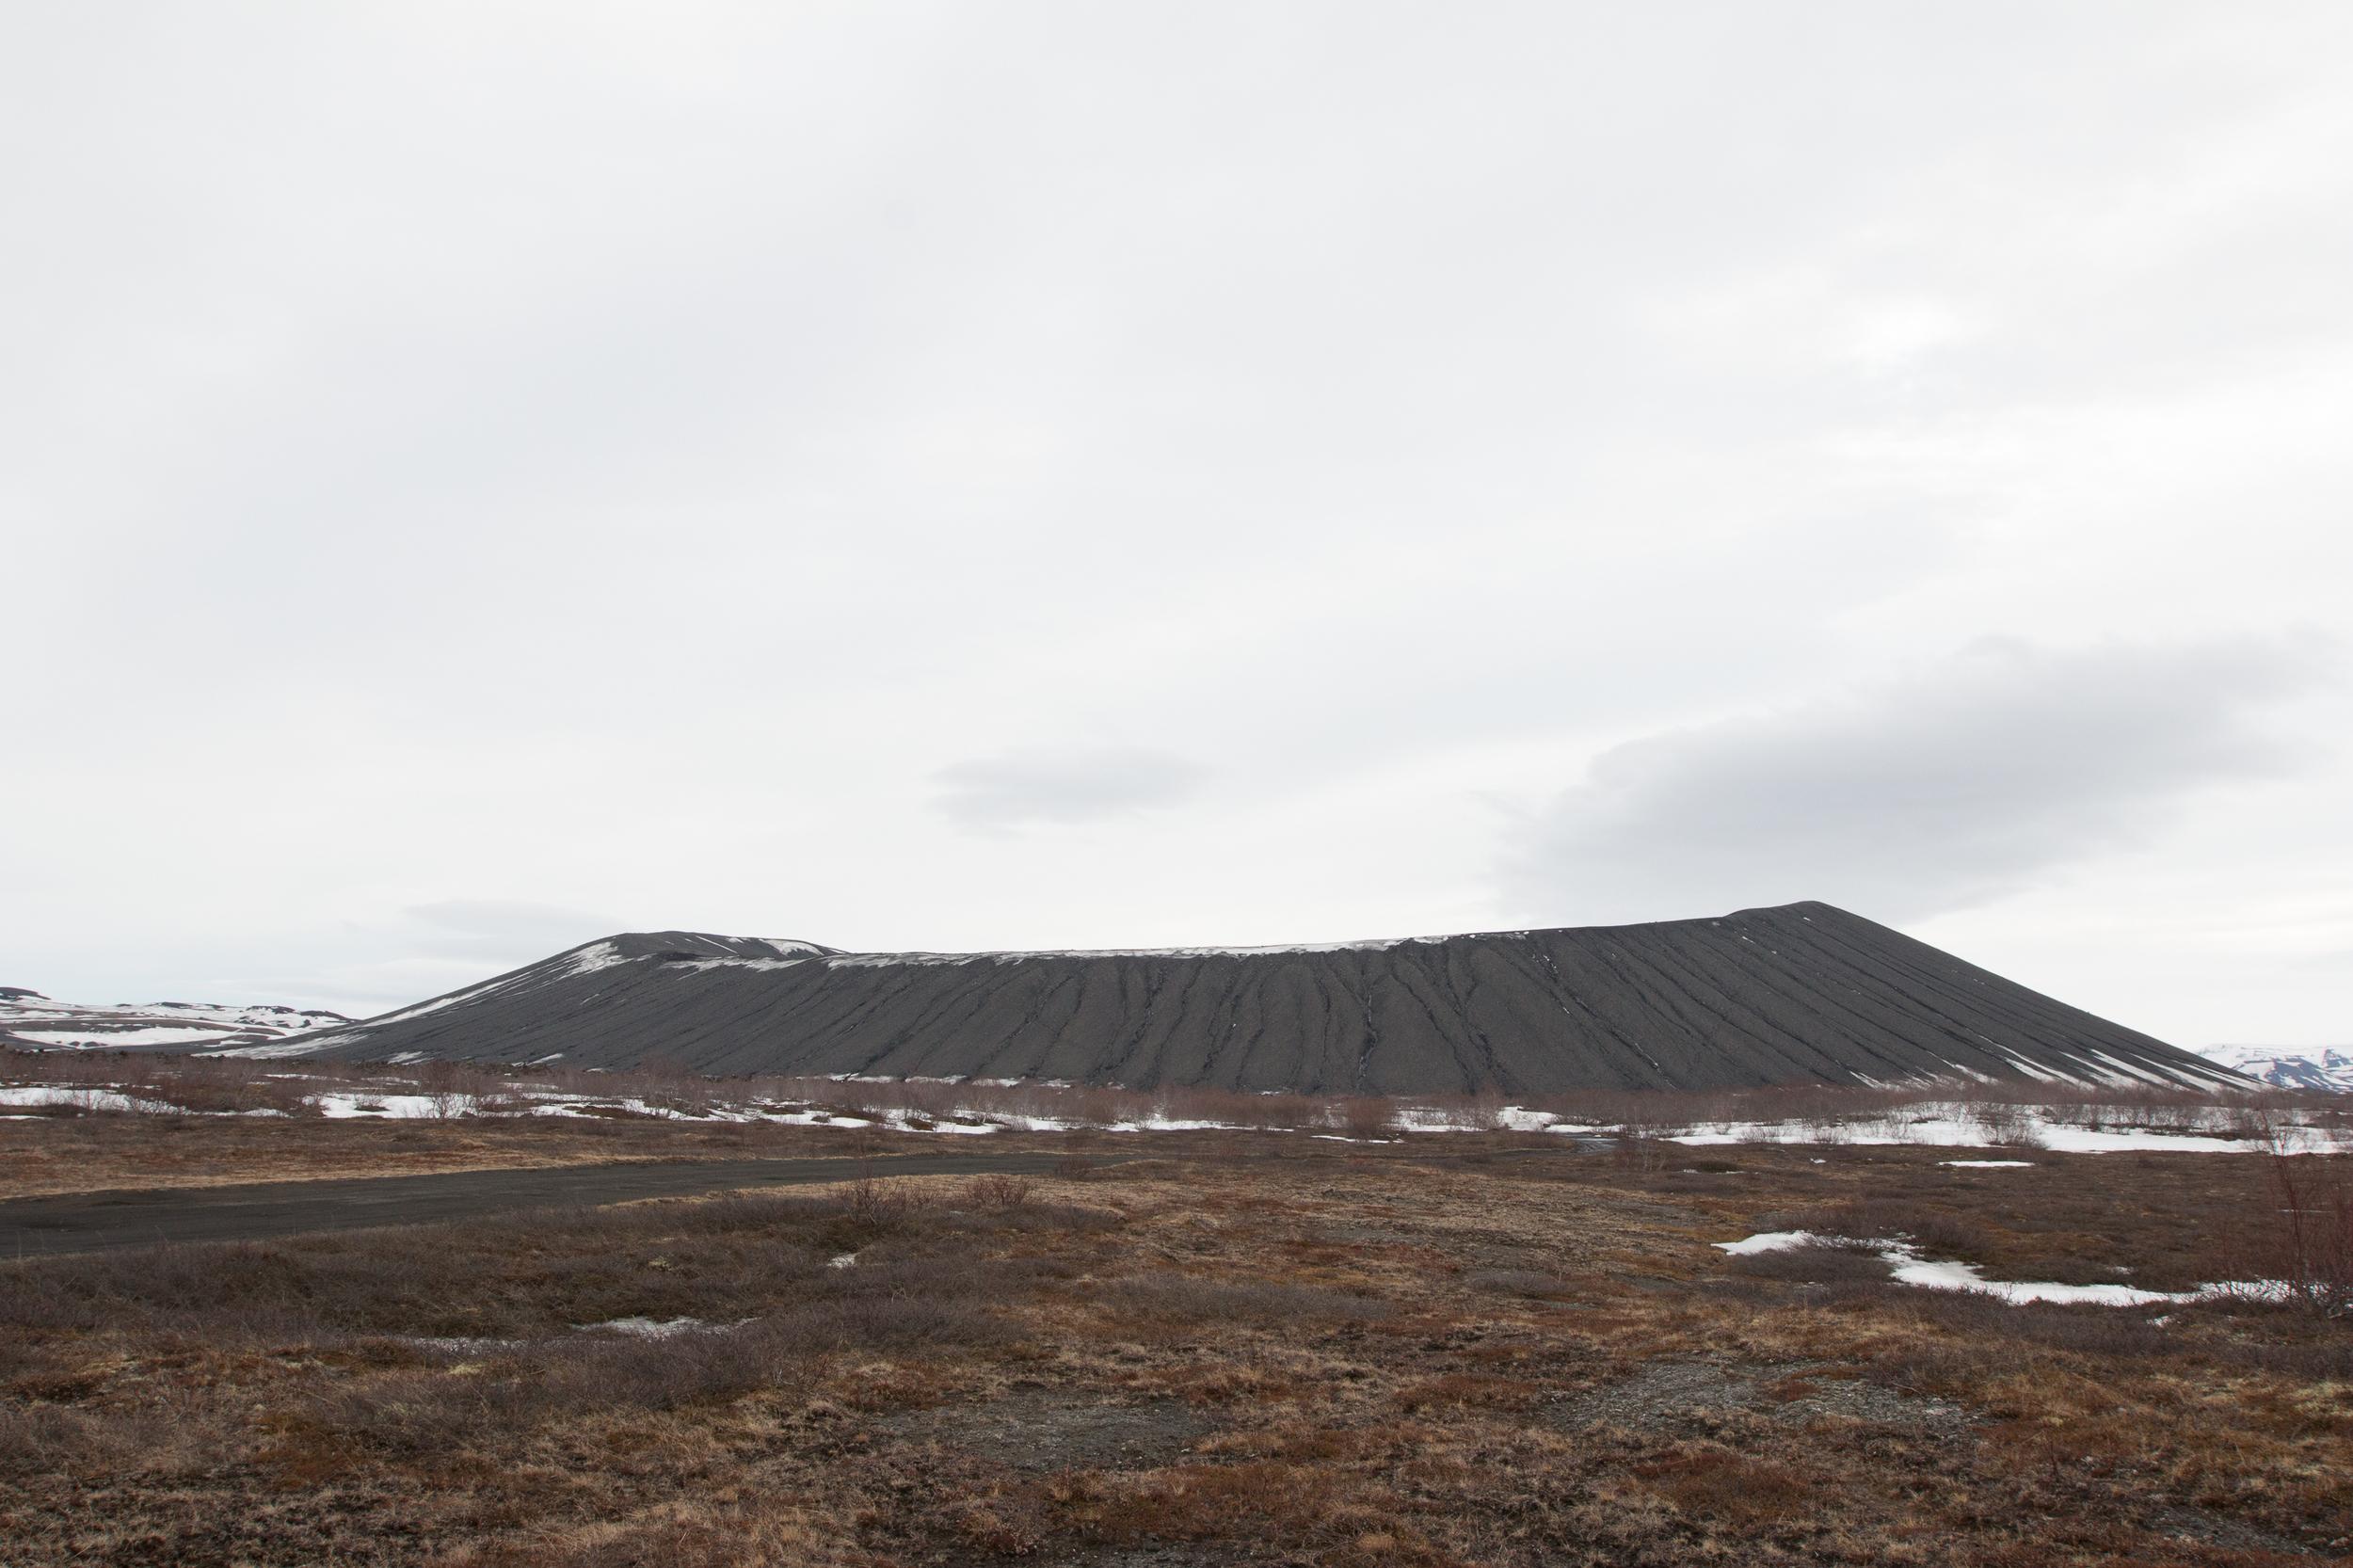 Mt. Hverfjall